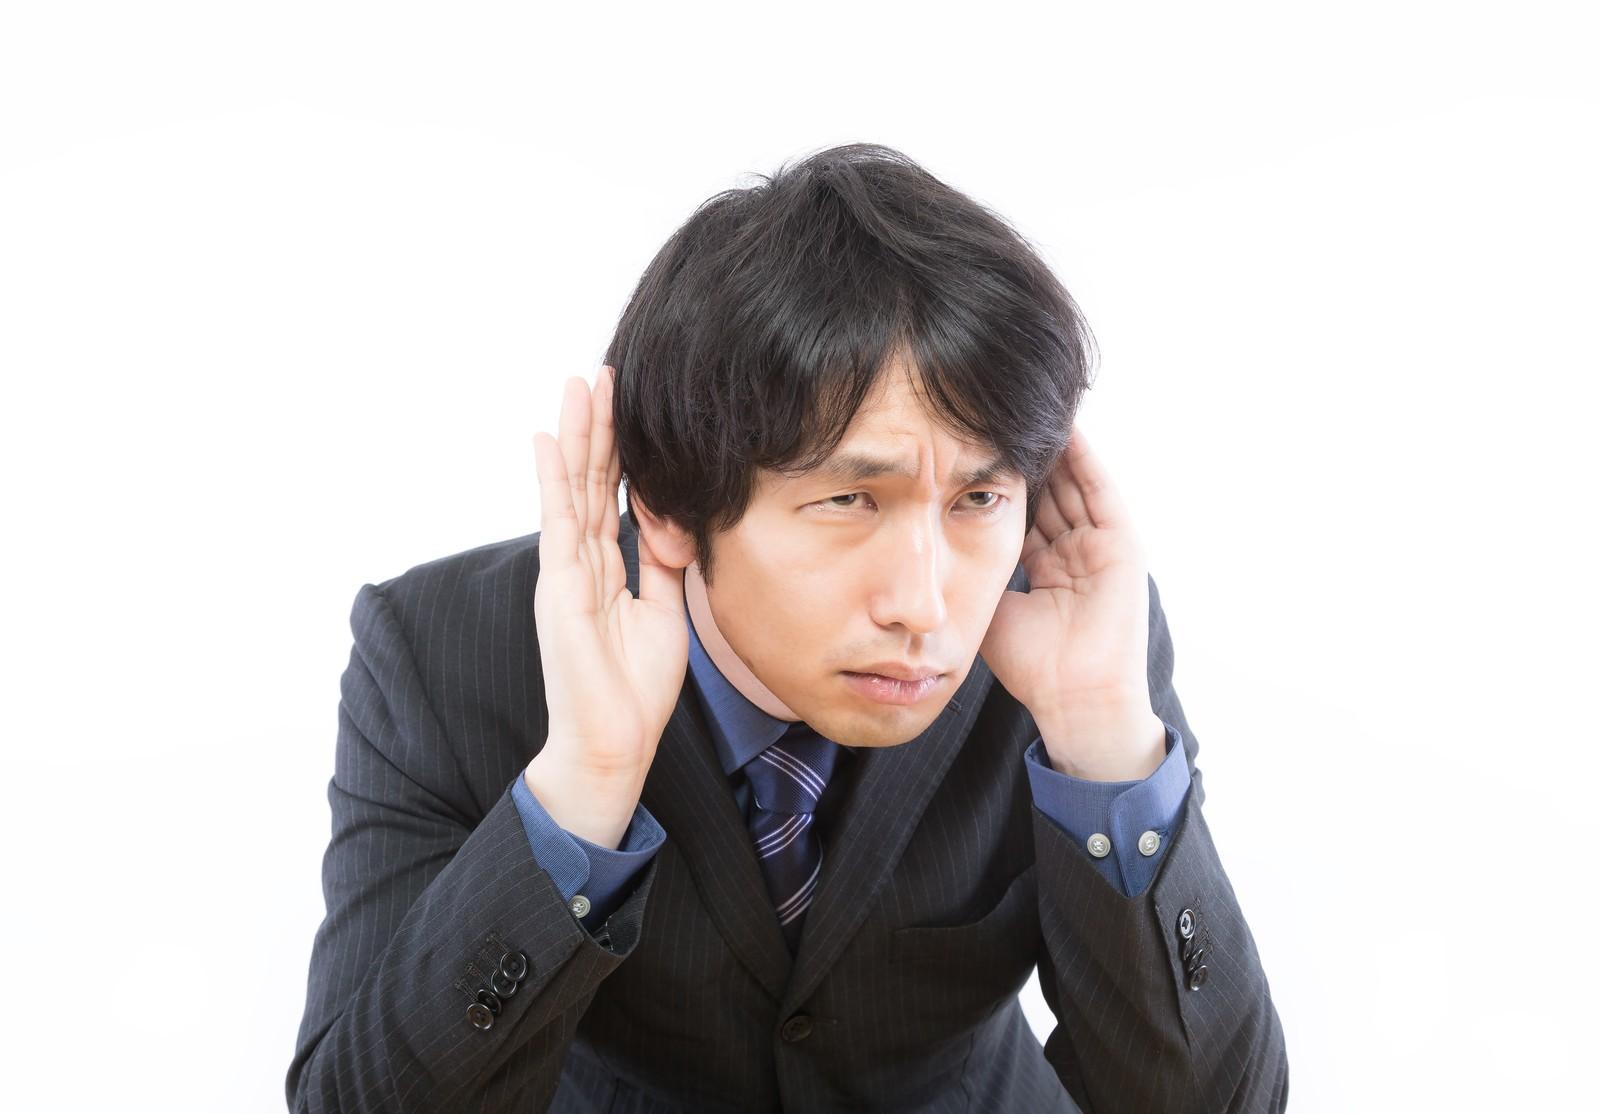 京都市,生き方,相談,不登校,コミュニケーション,中京区,城陽